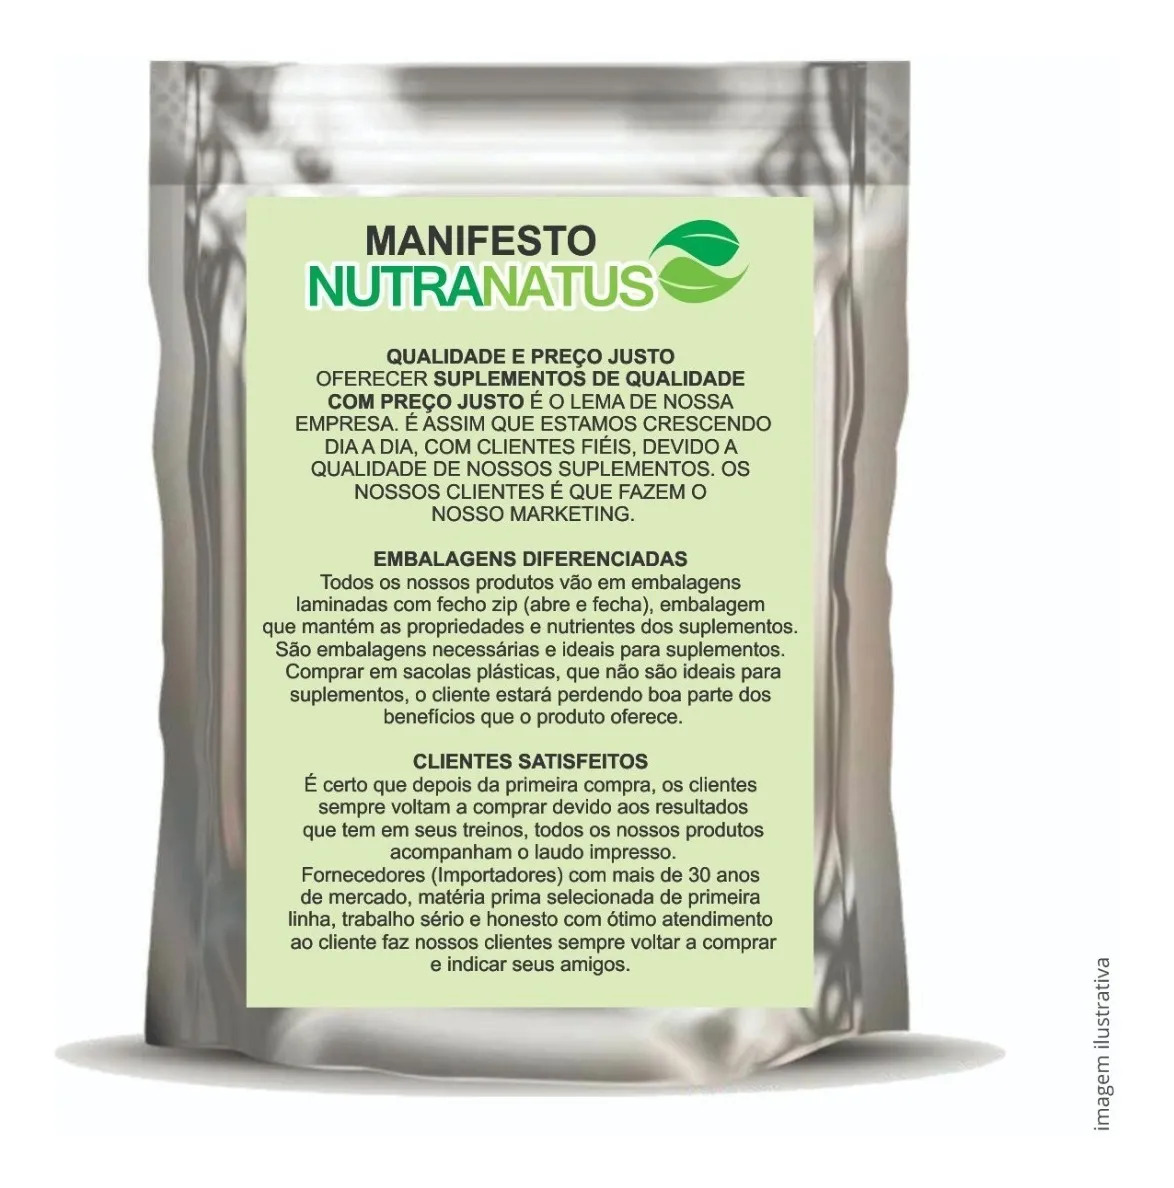 Waxy Maize 1kg - 100% Puro - Natural Promoção